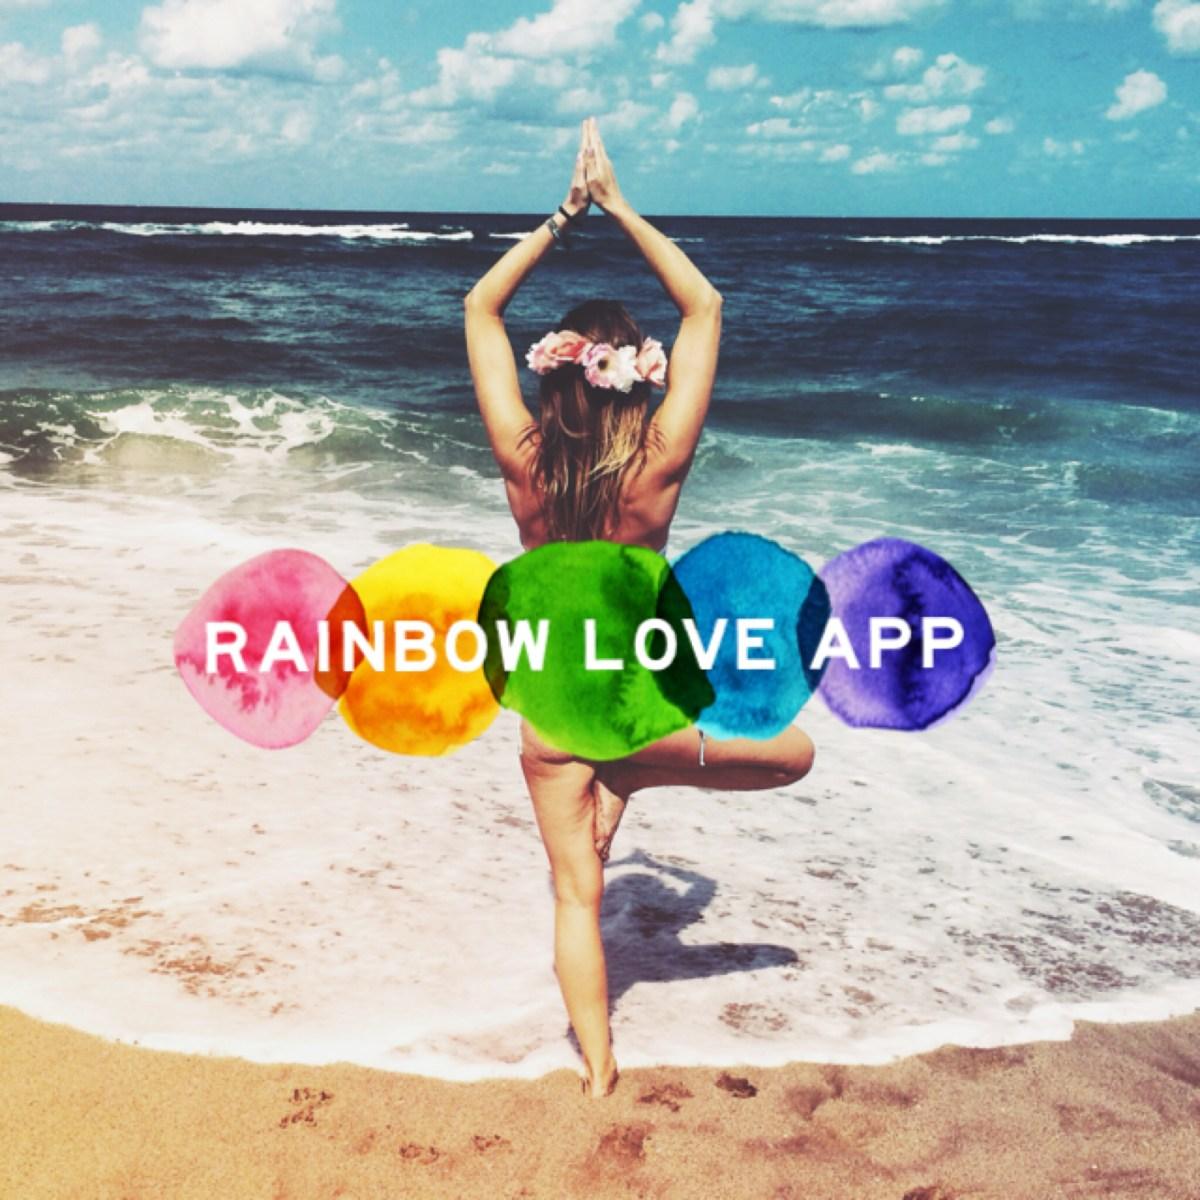 Rainbow-Watercolor-Photo-Editing-App-Creative-Edit-Main